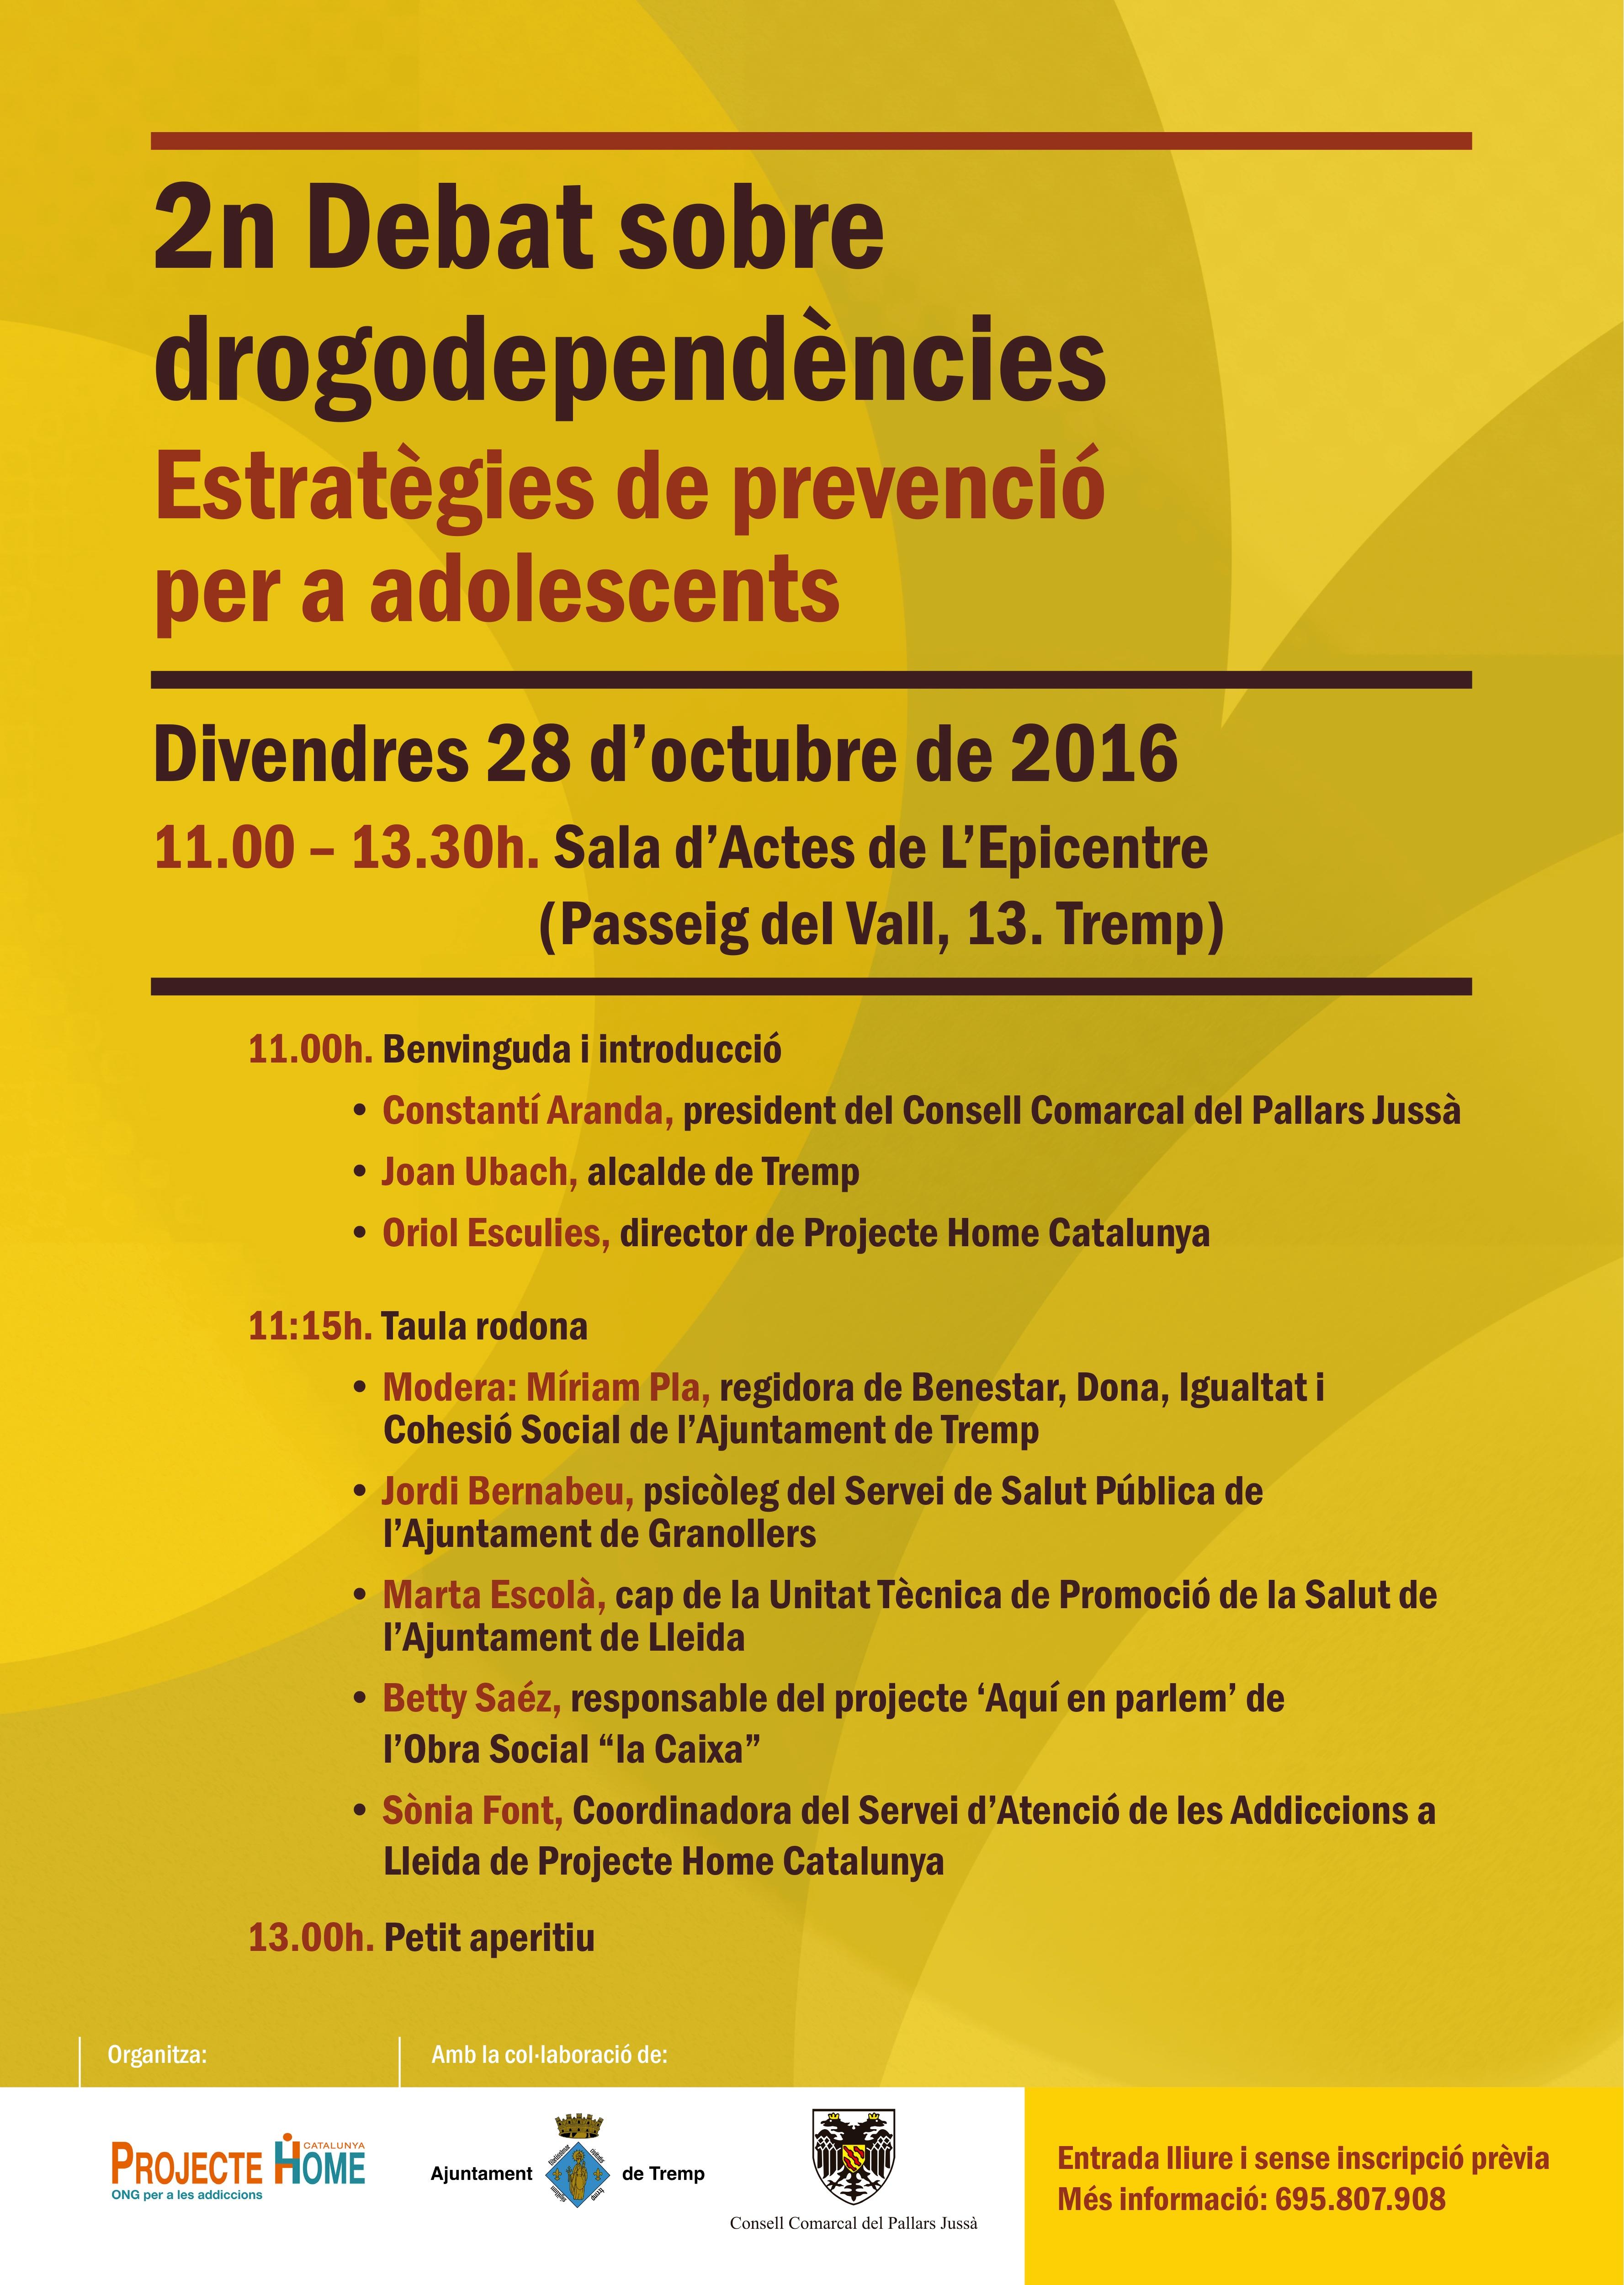 2n debat sobre drogodependències a Tremp amb Projecte Home